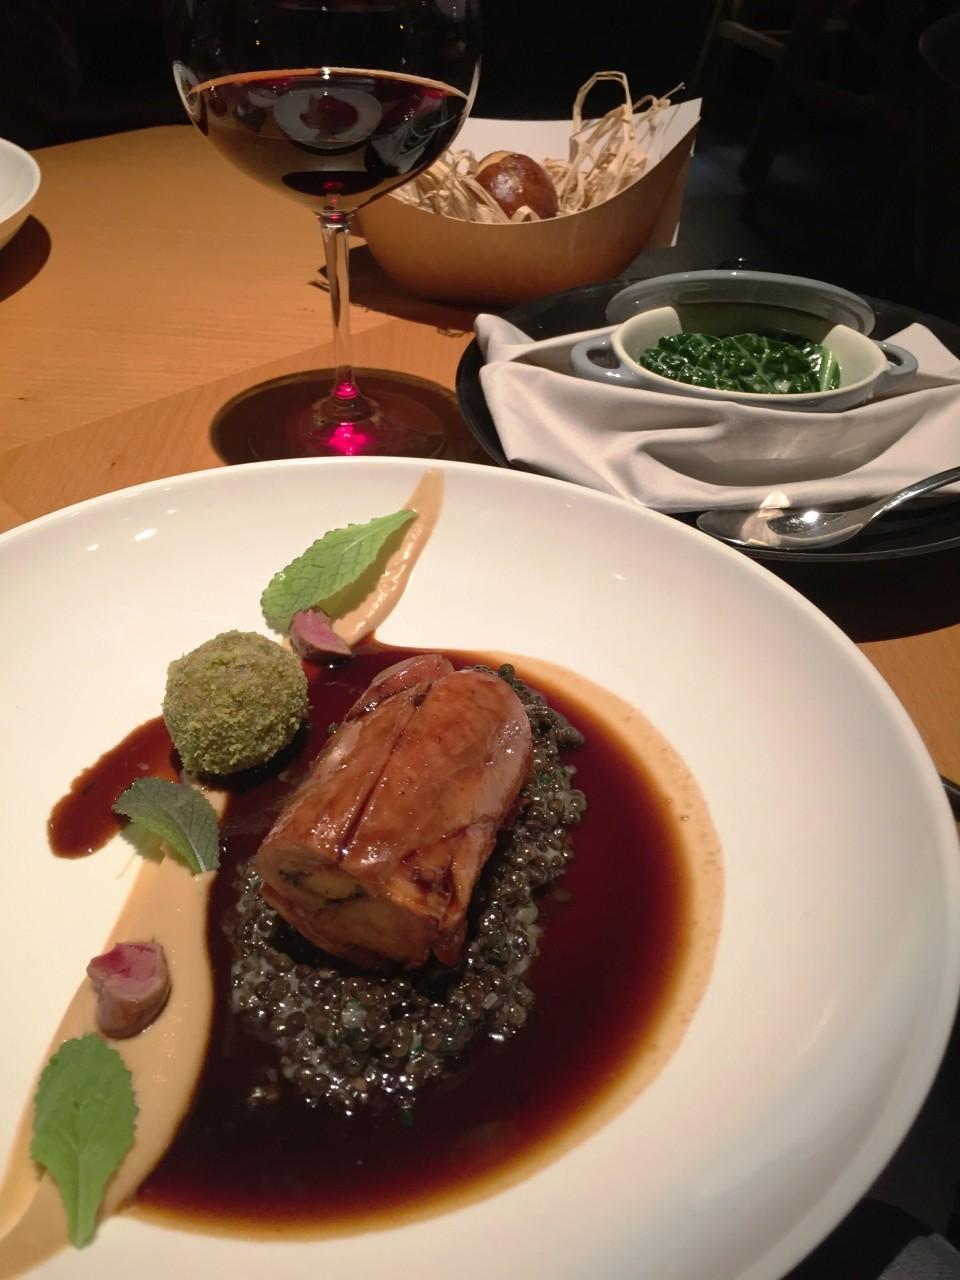 Field Restaurant in Prague : Main course of Rabbit, lentils, creamy garlic